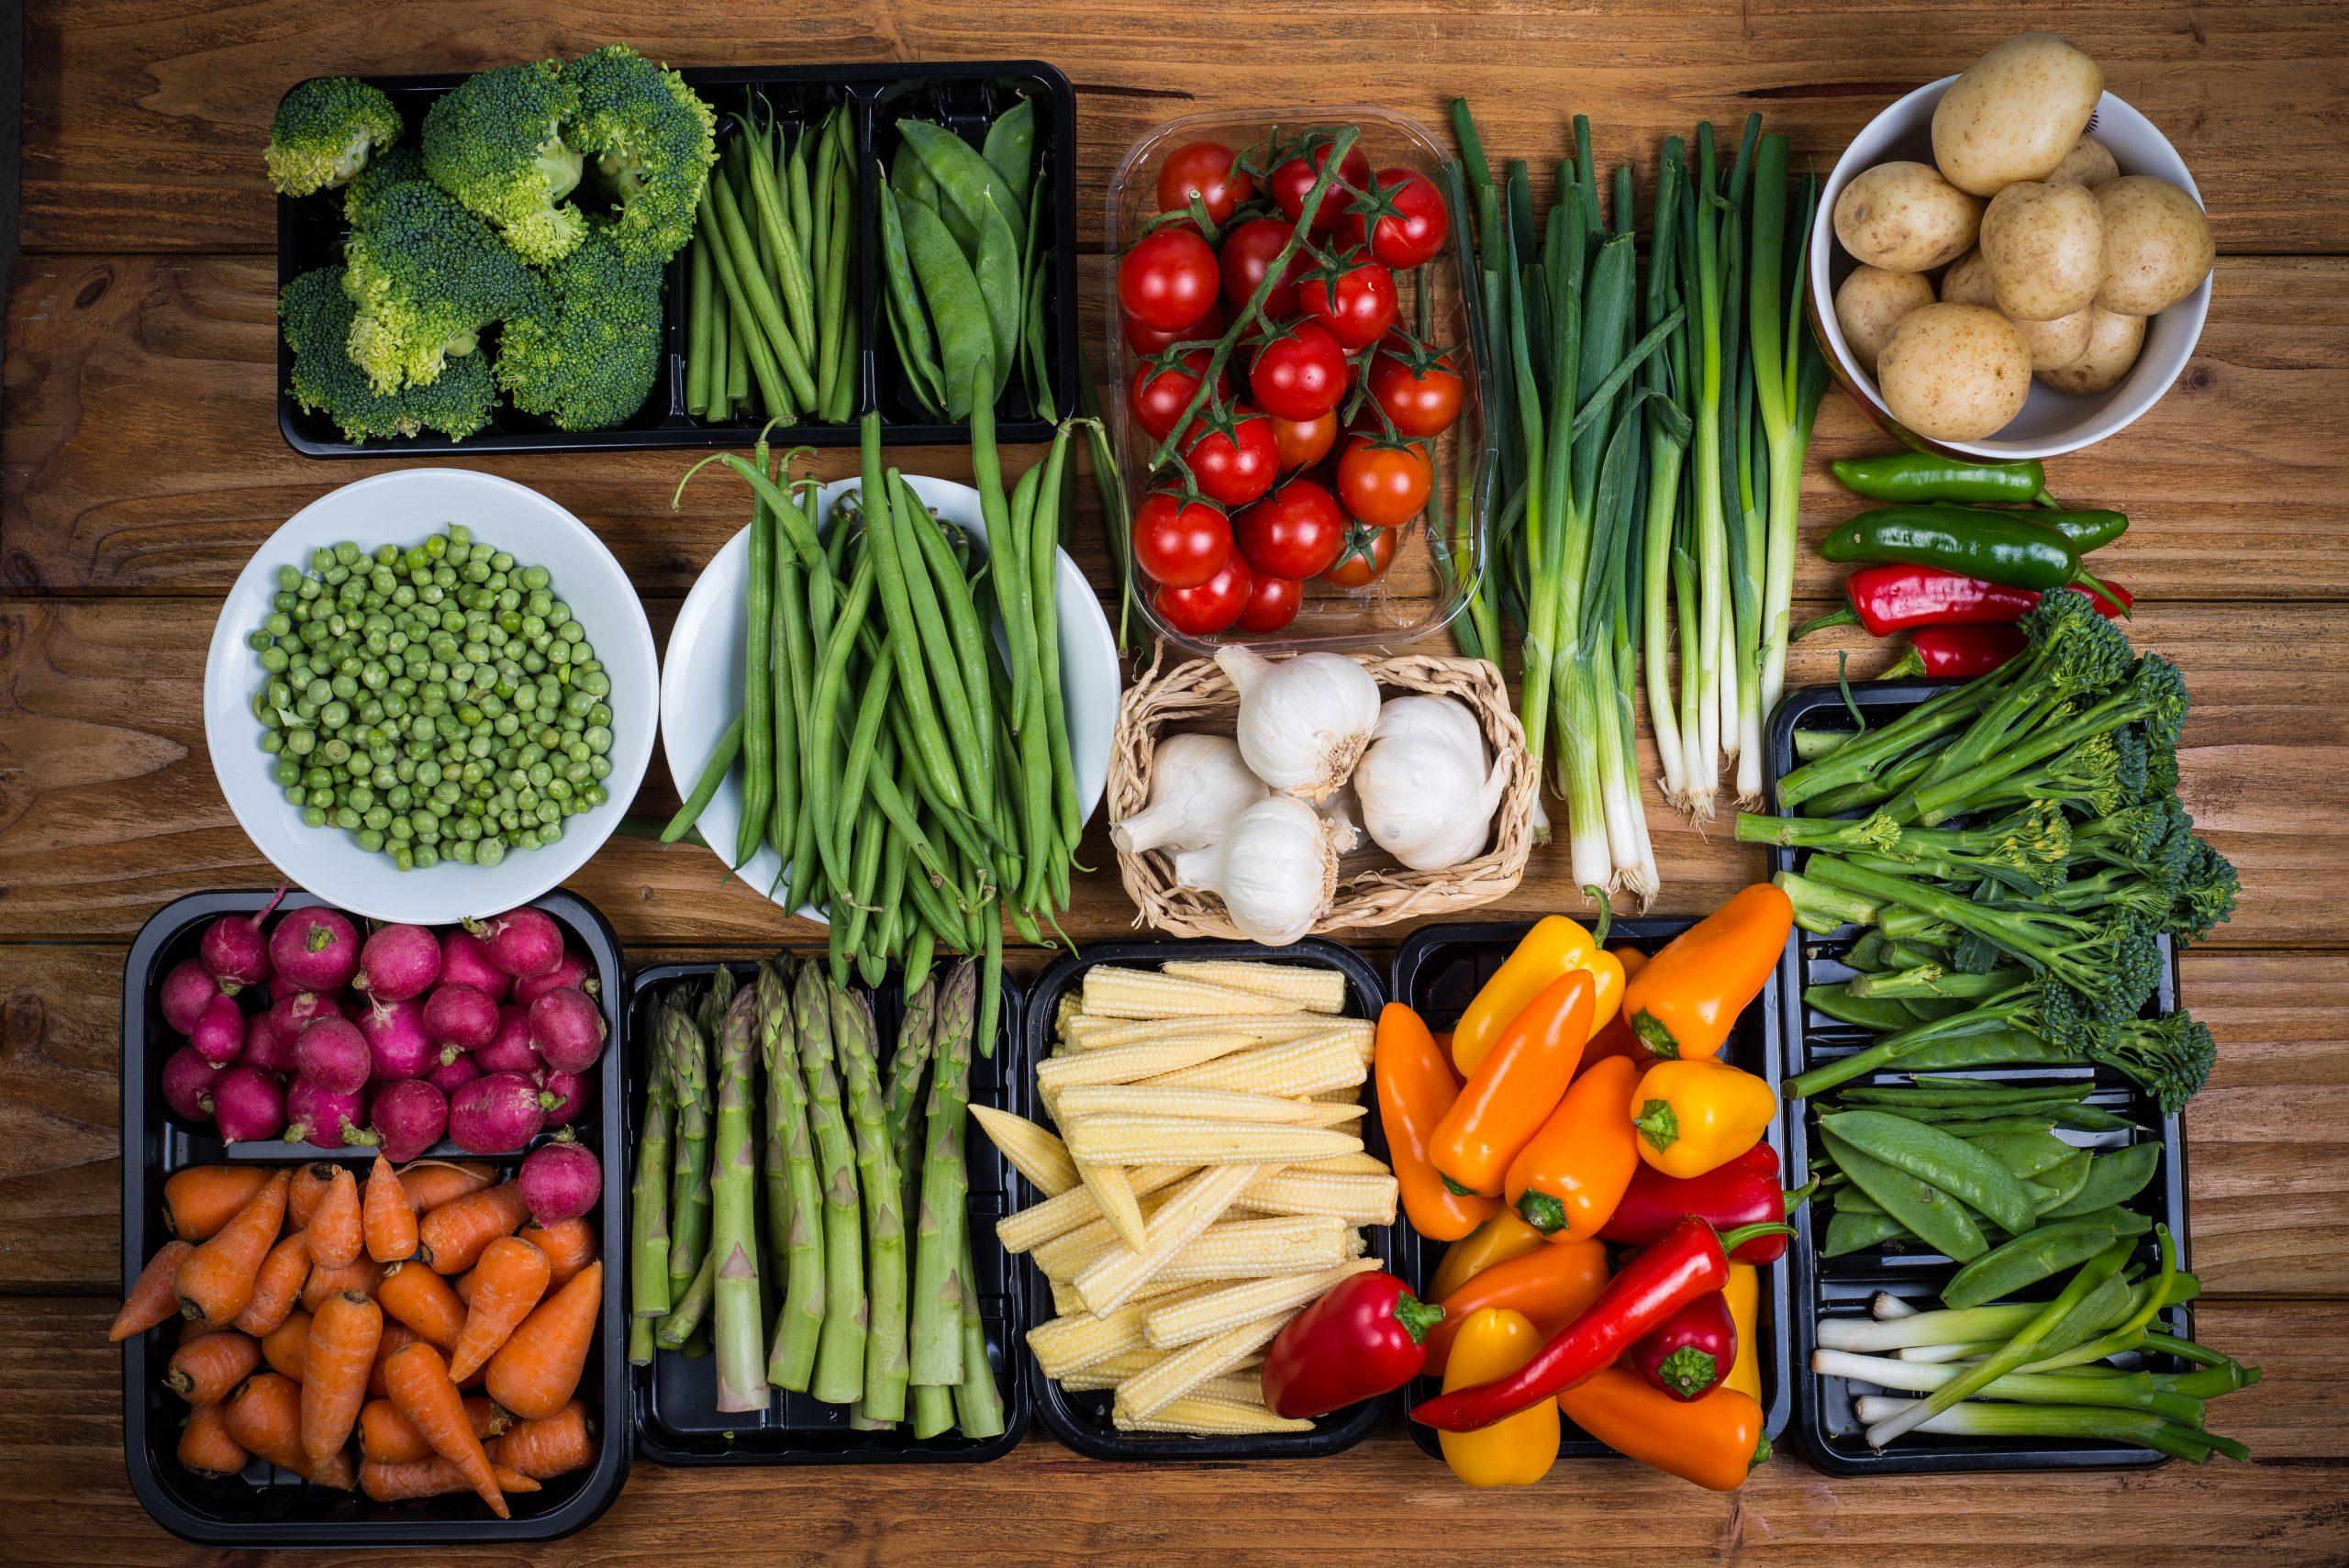 Lebensmittel ohne Zucker: Zuckerfrei und gesund ernähren